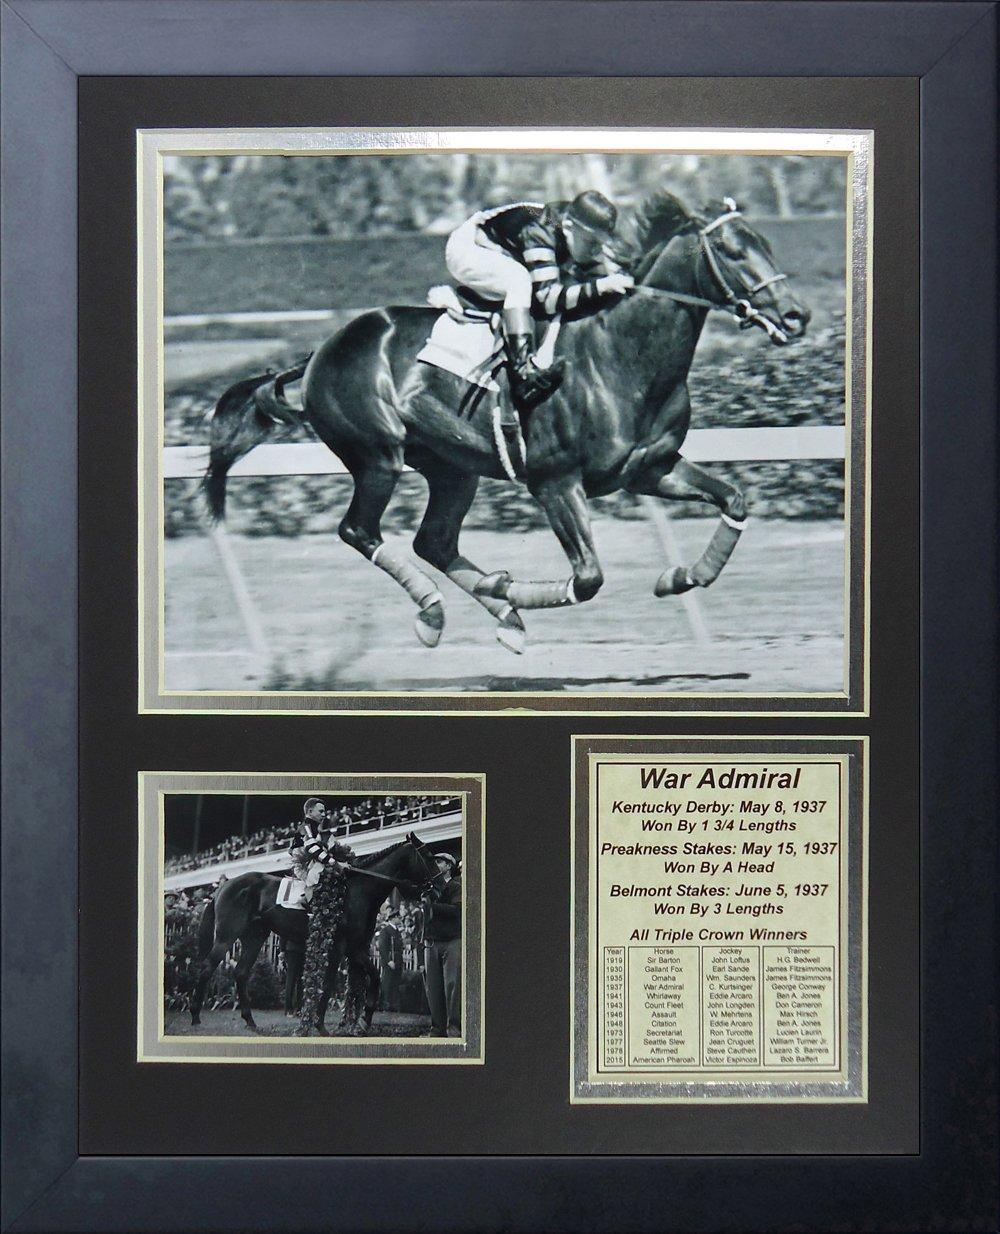 Legends Never Die War Admiral 1937 Triple Crown Winner Collage Photo Frame, 11 x 14 11 x 14 13103U